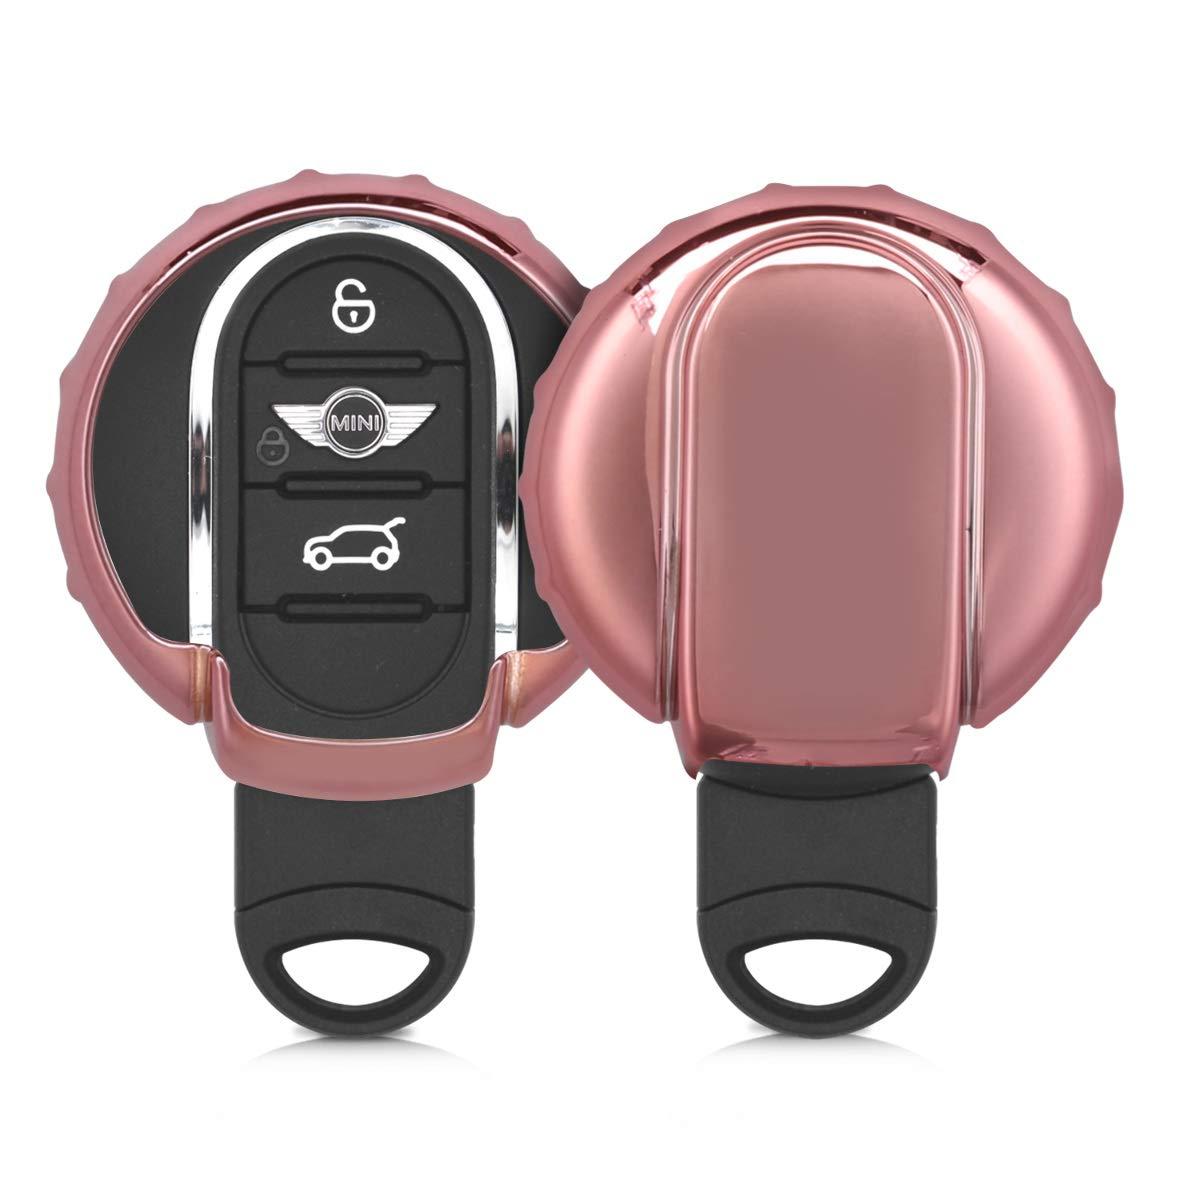 Kwmobile Mini Car Key Cover Soft Tpu Silicone Protective Key Fob